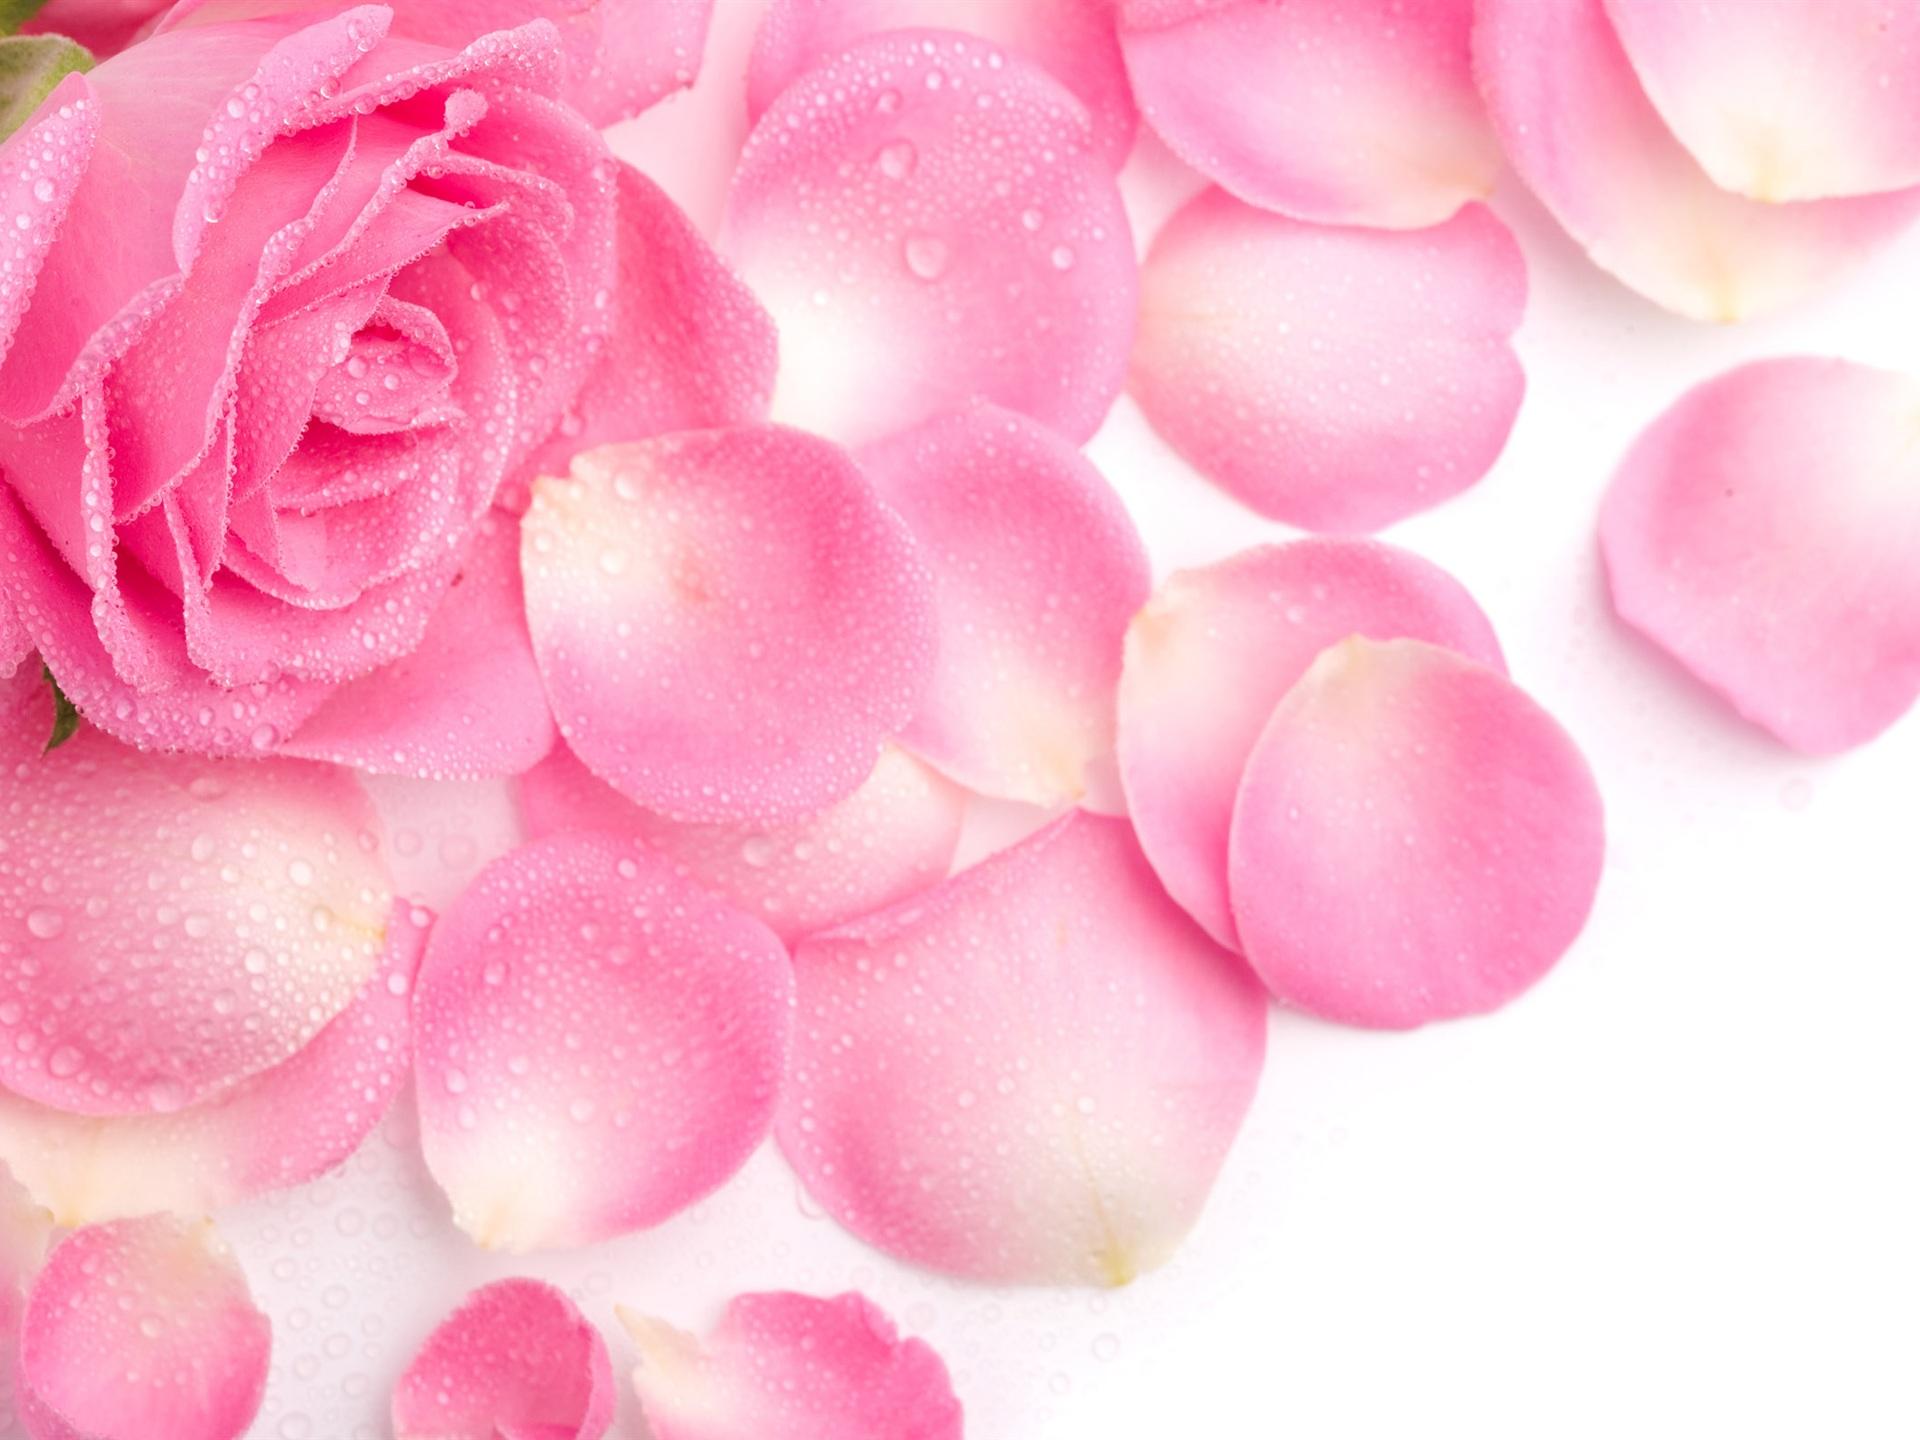 fonds d 39 cran p tales de roses 2560x1600 hd image. Black Bedroom Furniture Sets. Home Design Ideas